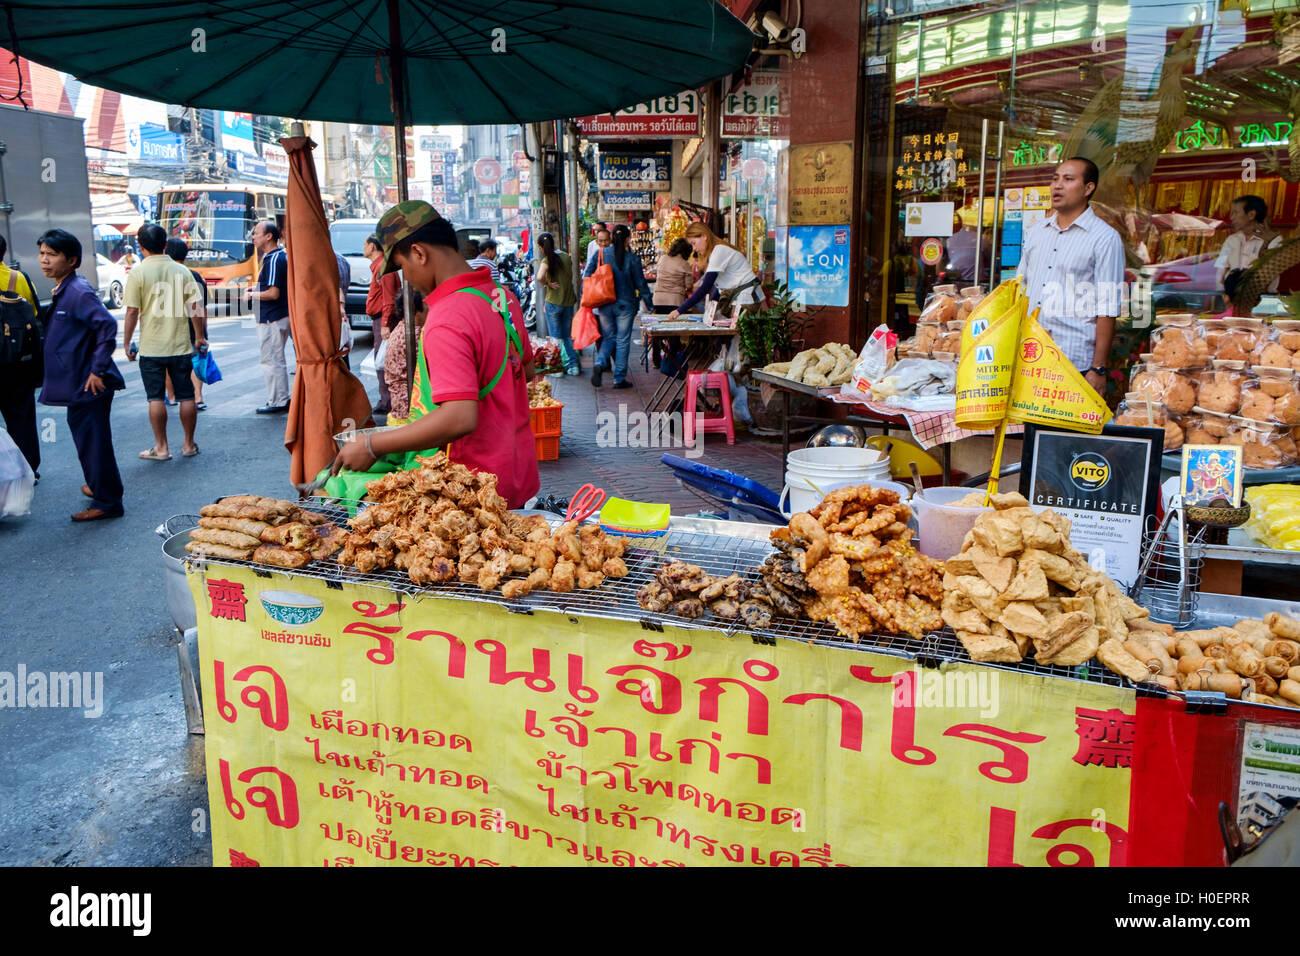 Eine Straße Garküche auf Yaowarat Road, Chinatown, Bangkok, Thailand ...